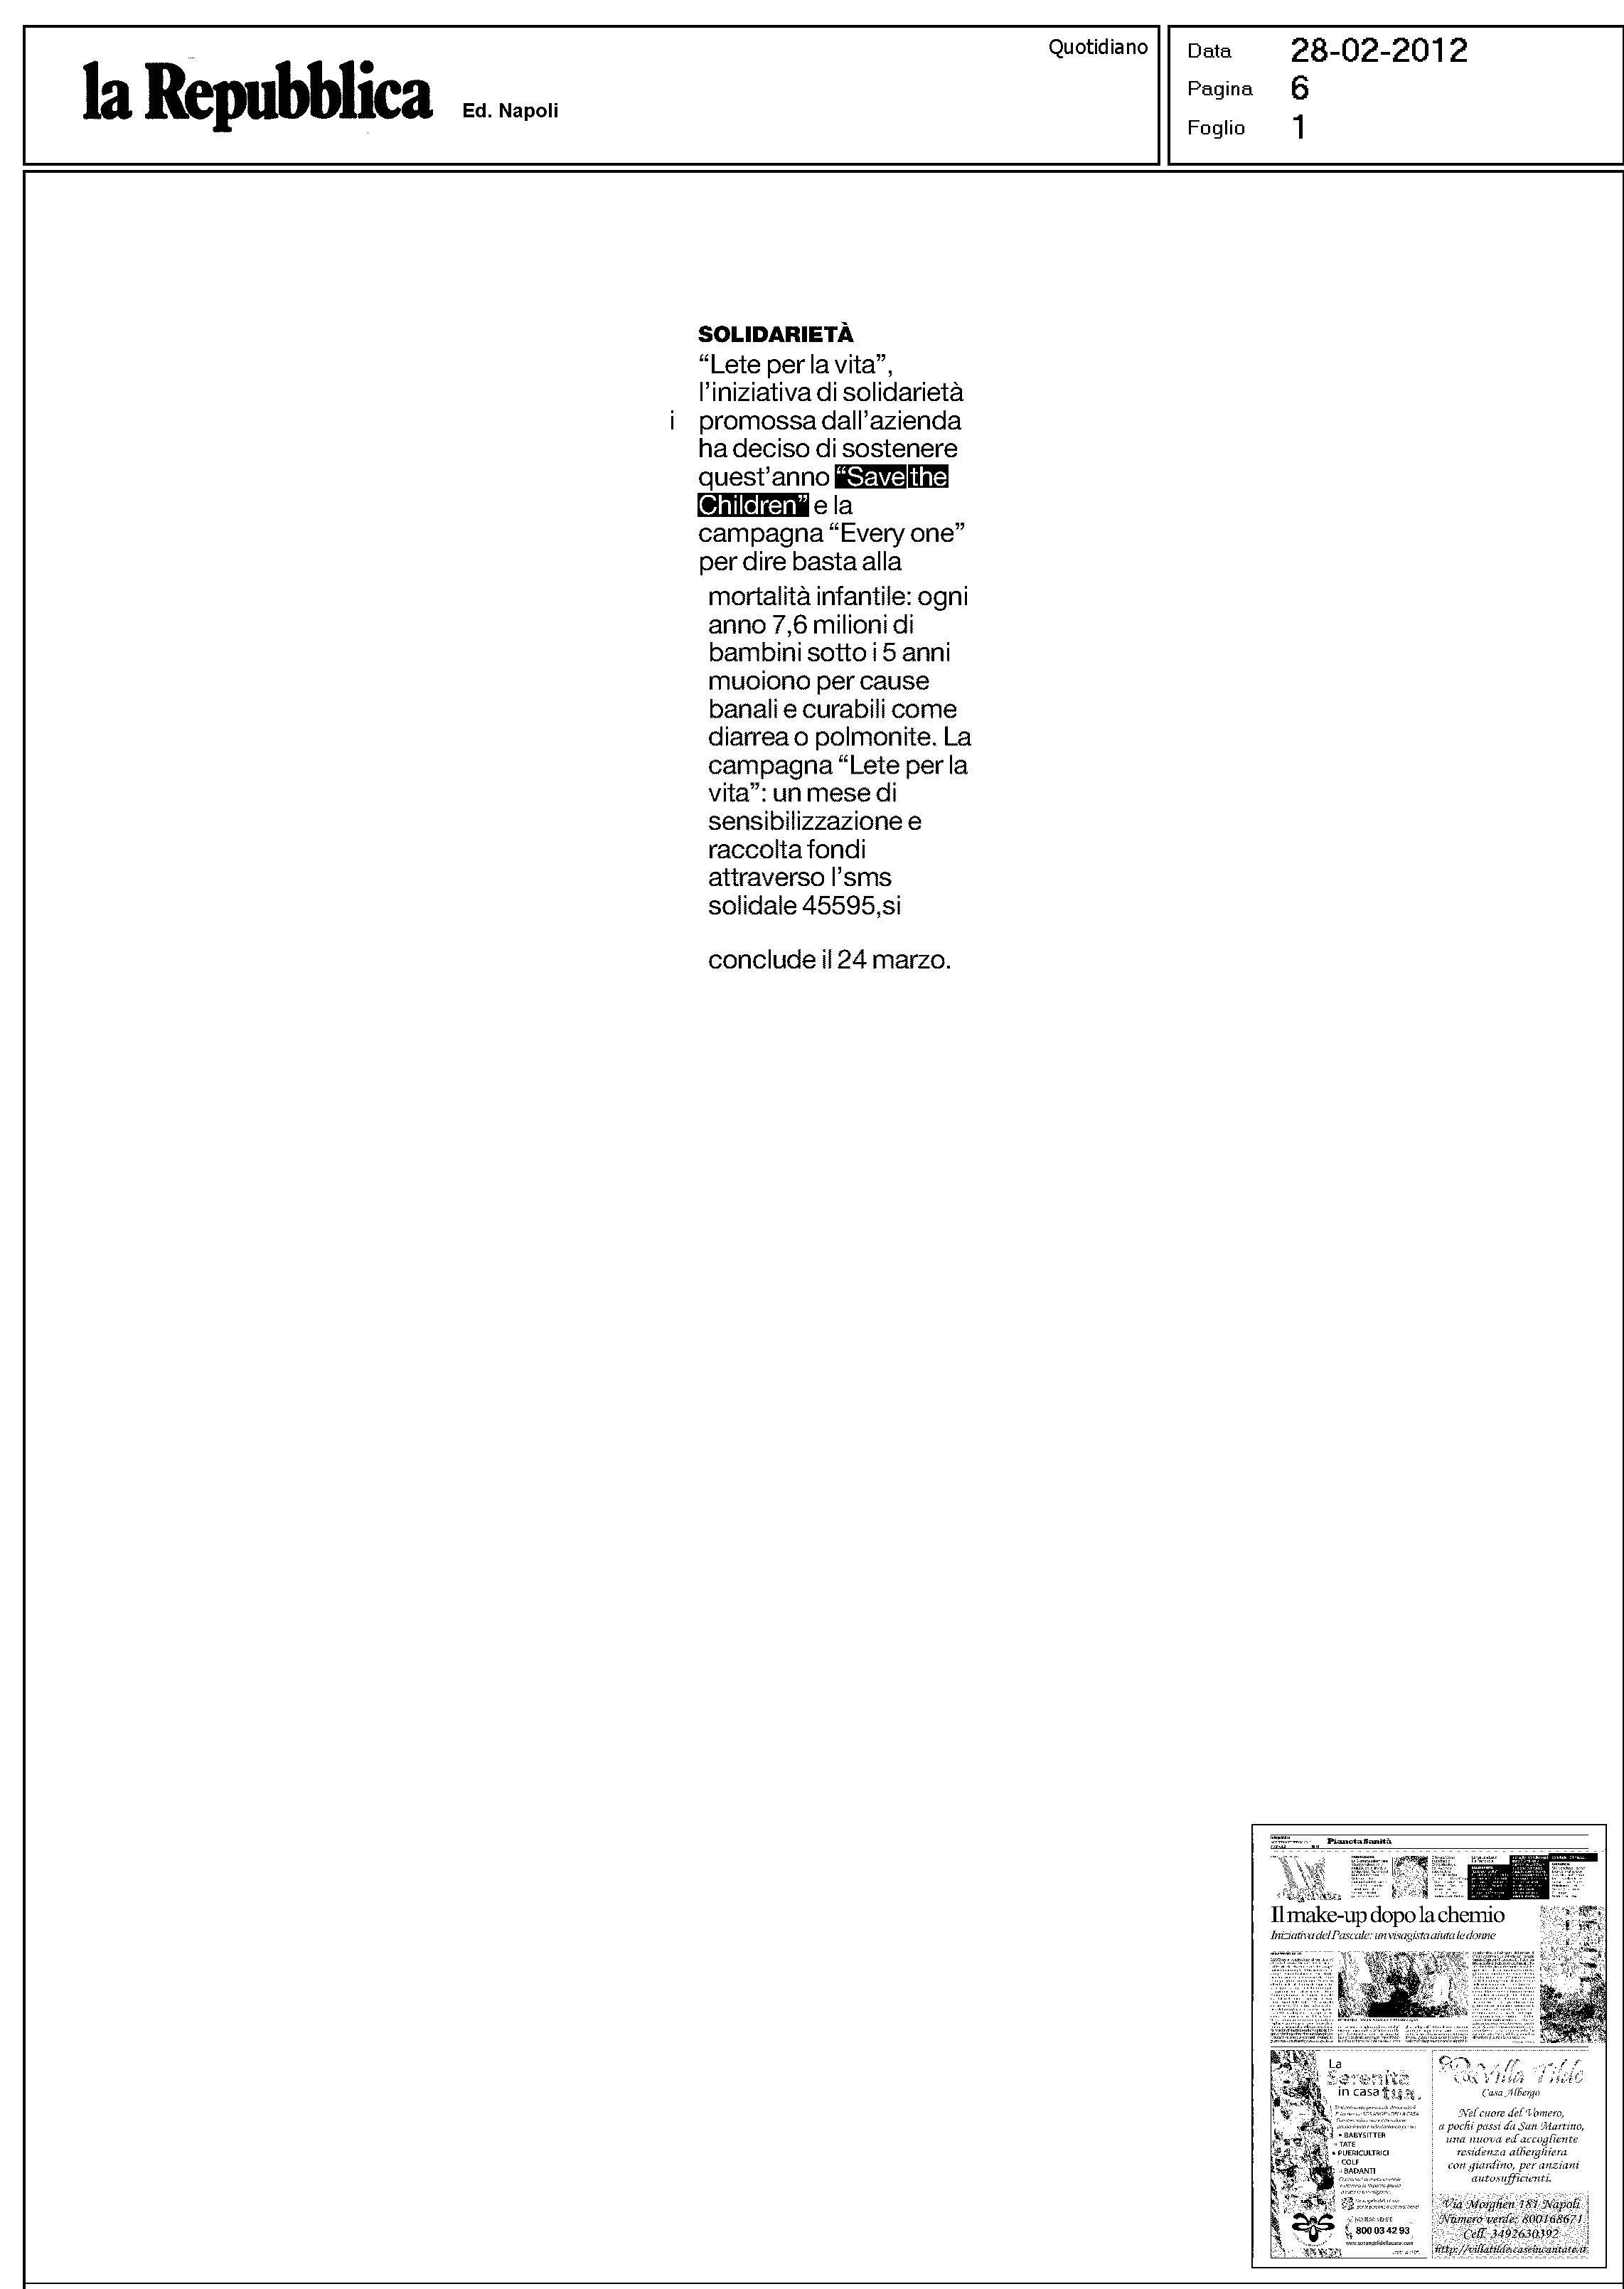 repubblica28-02-2012